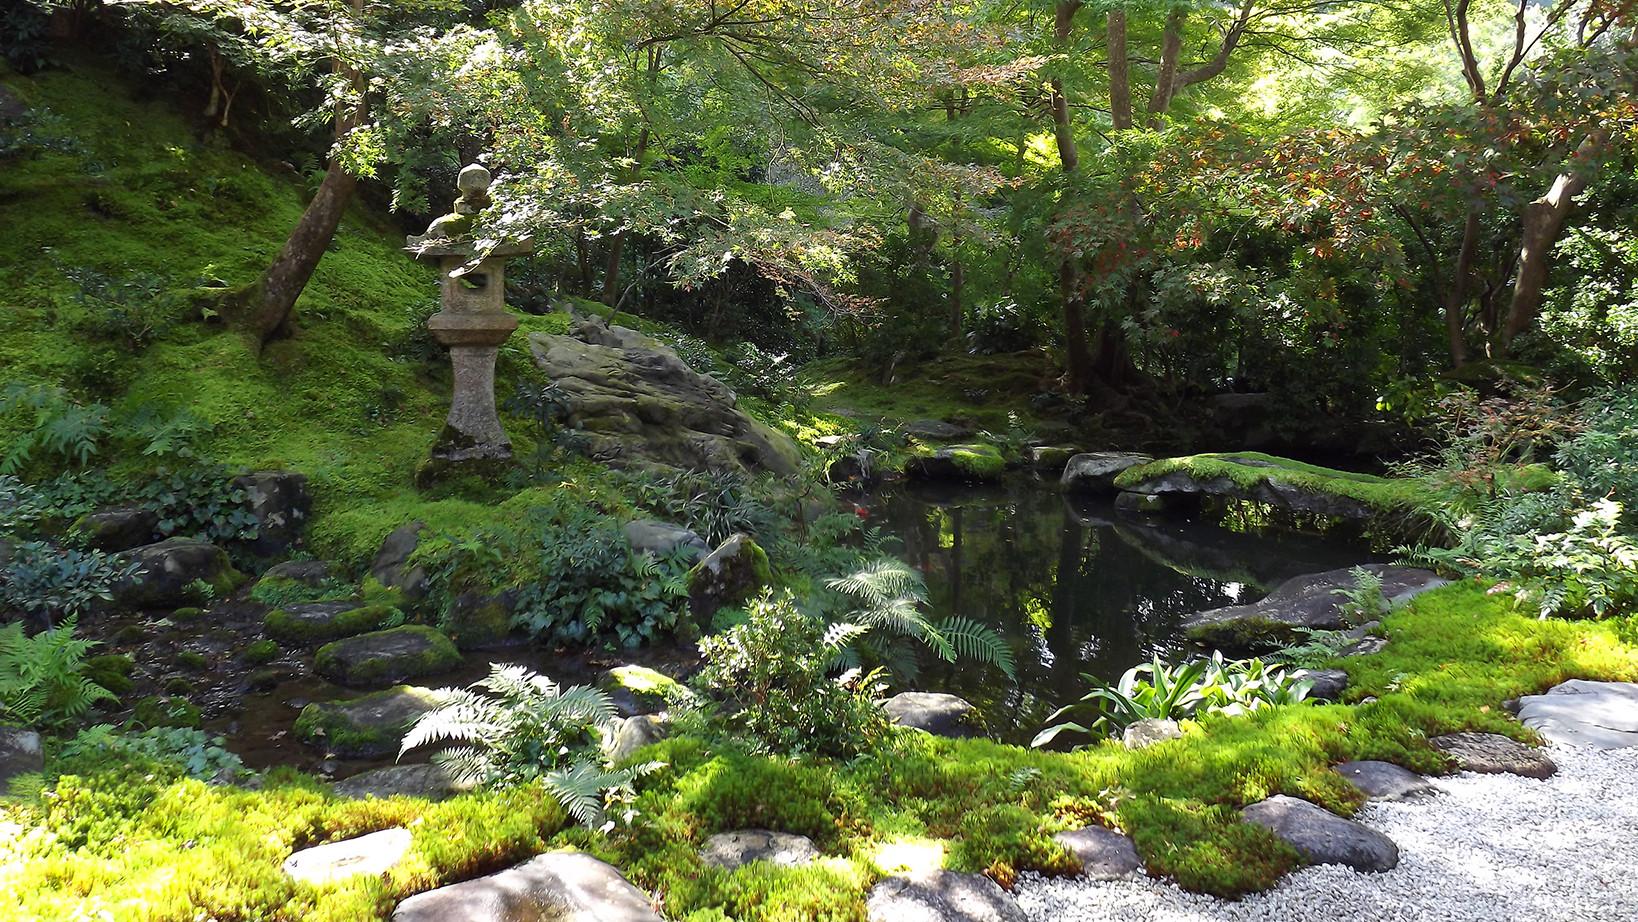 niwaki et niwashi - outils japonais de taille pour le jardin ...